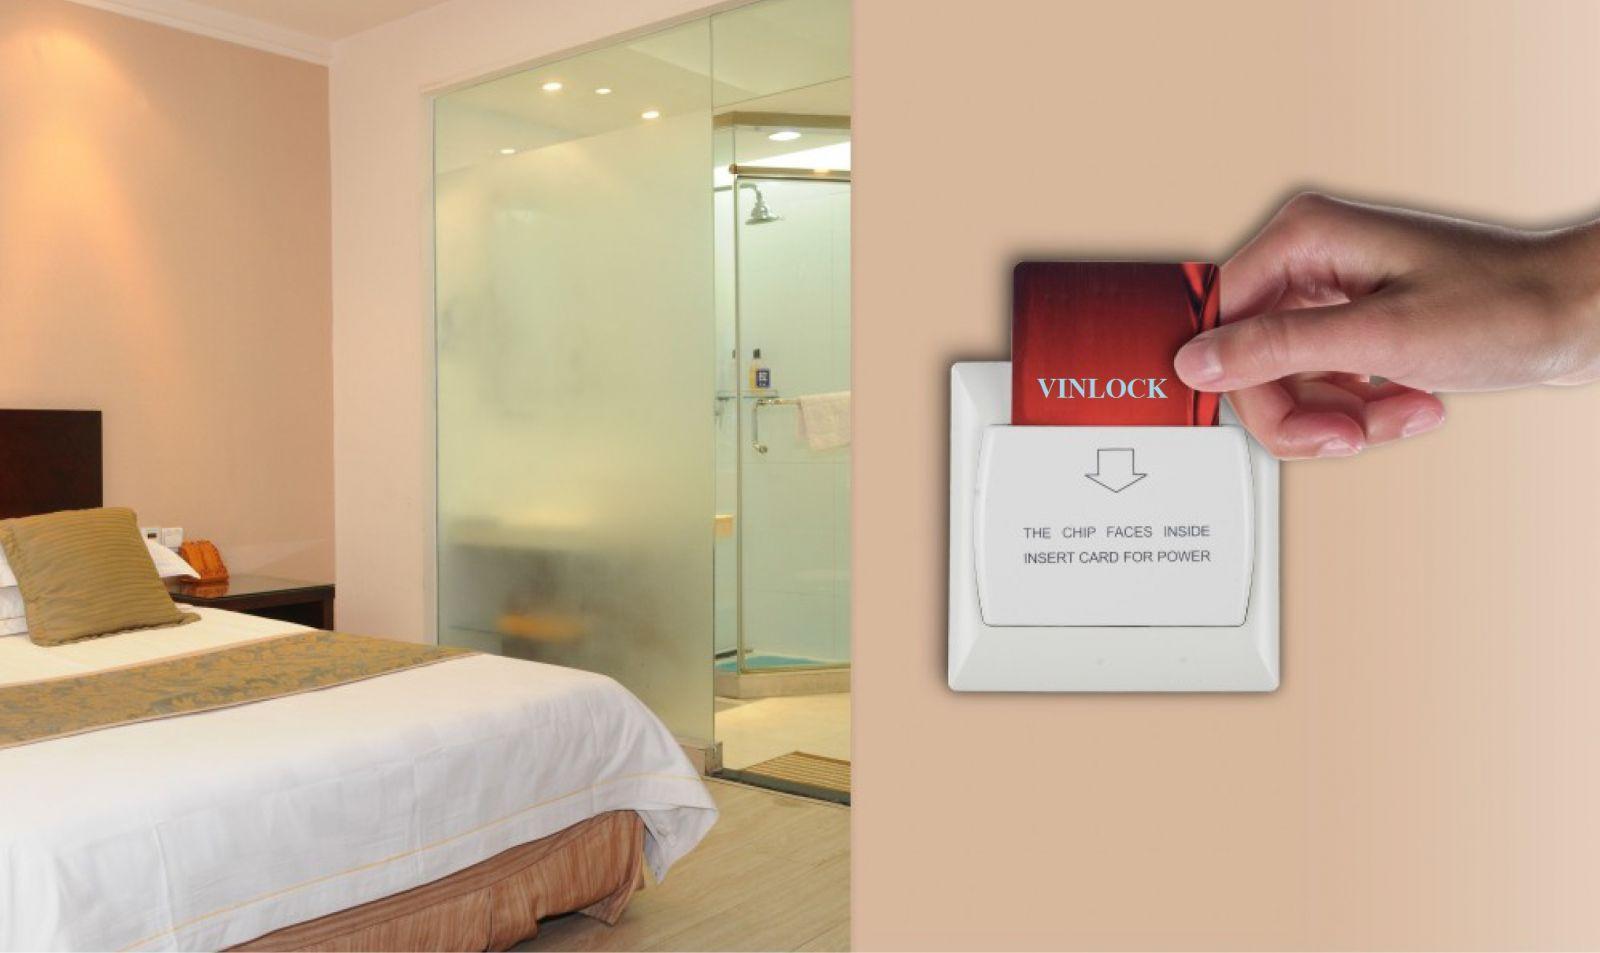 Tiết kiệm điện trong khách sạn bằng cách sử dụng thẻ từ